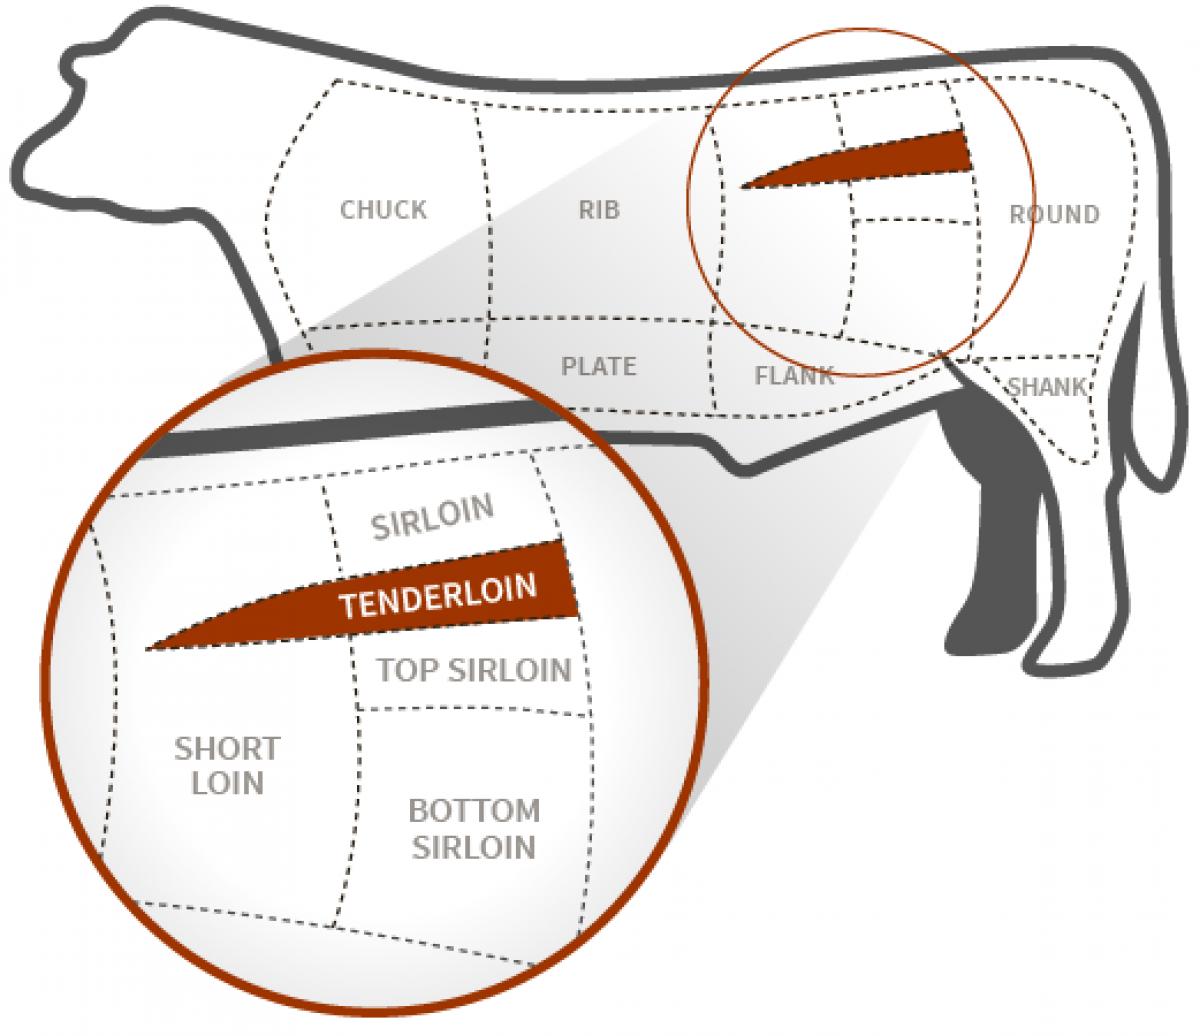 Tenderloin Beef Diagram